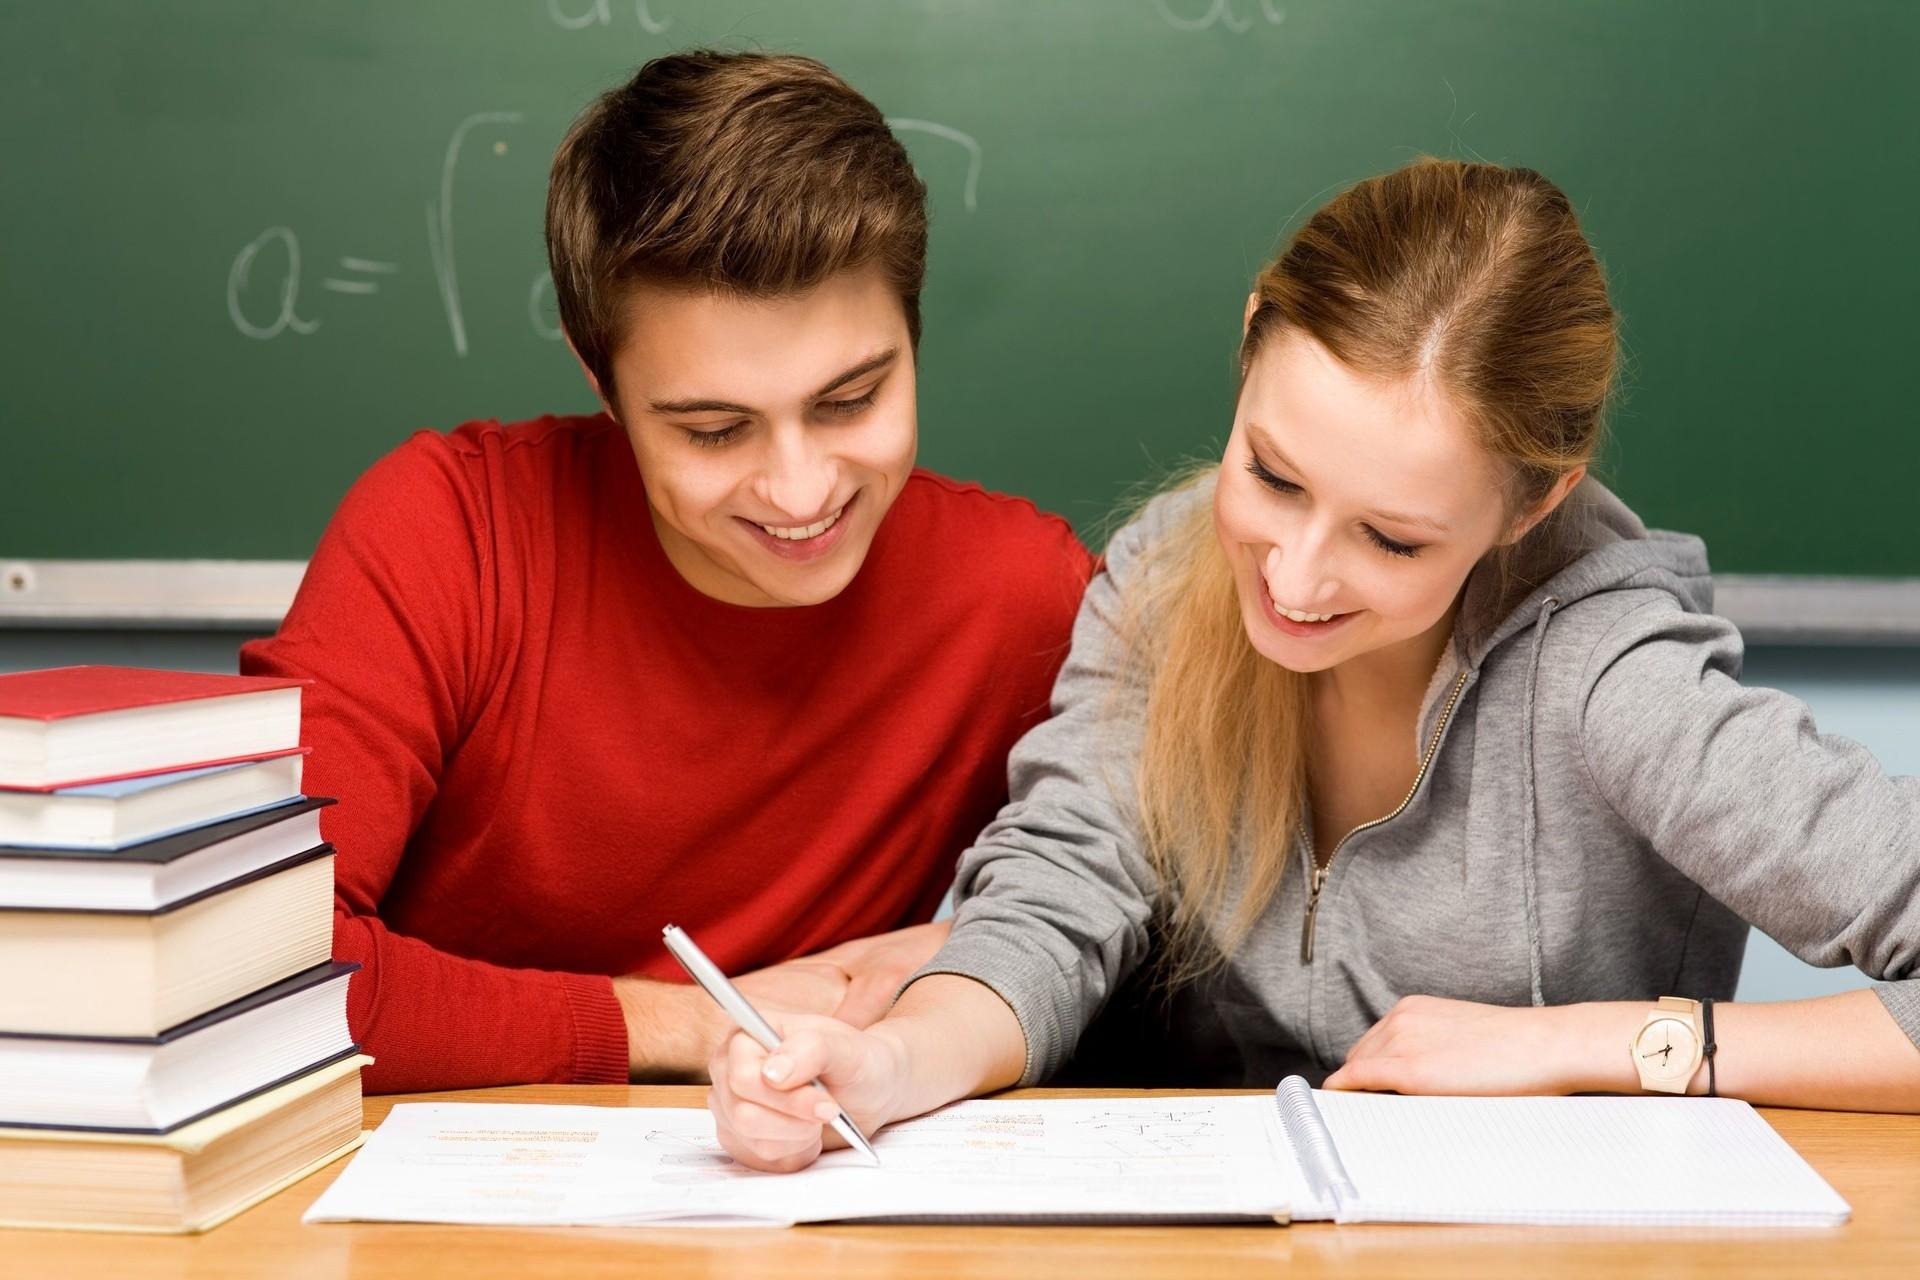 Студентка дала учителю, Студентка дала бывшему учителю смотреть порно 14 фотография